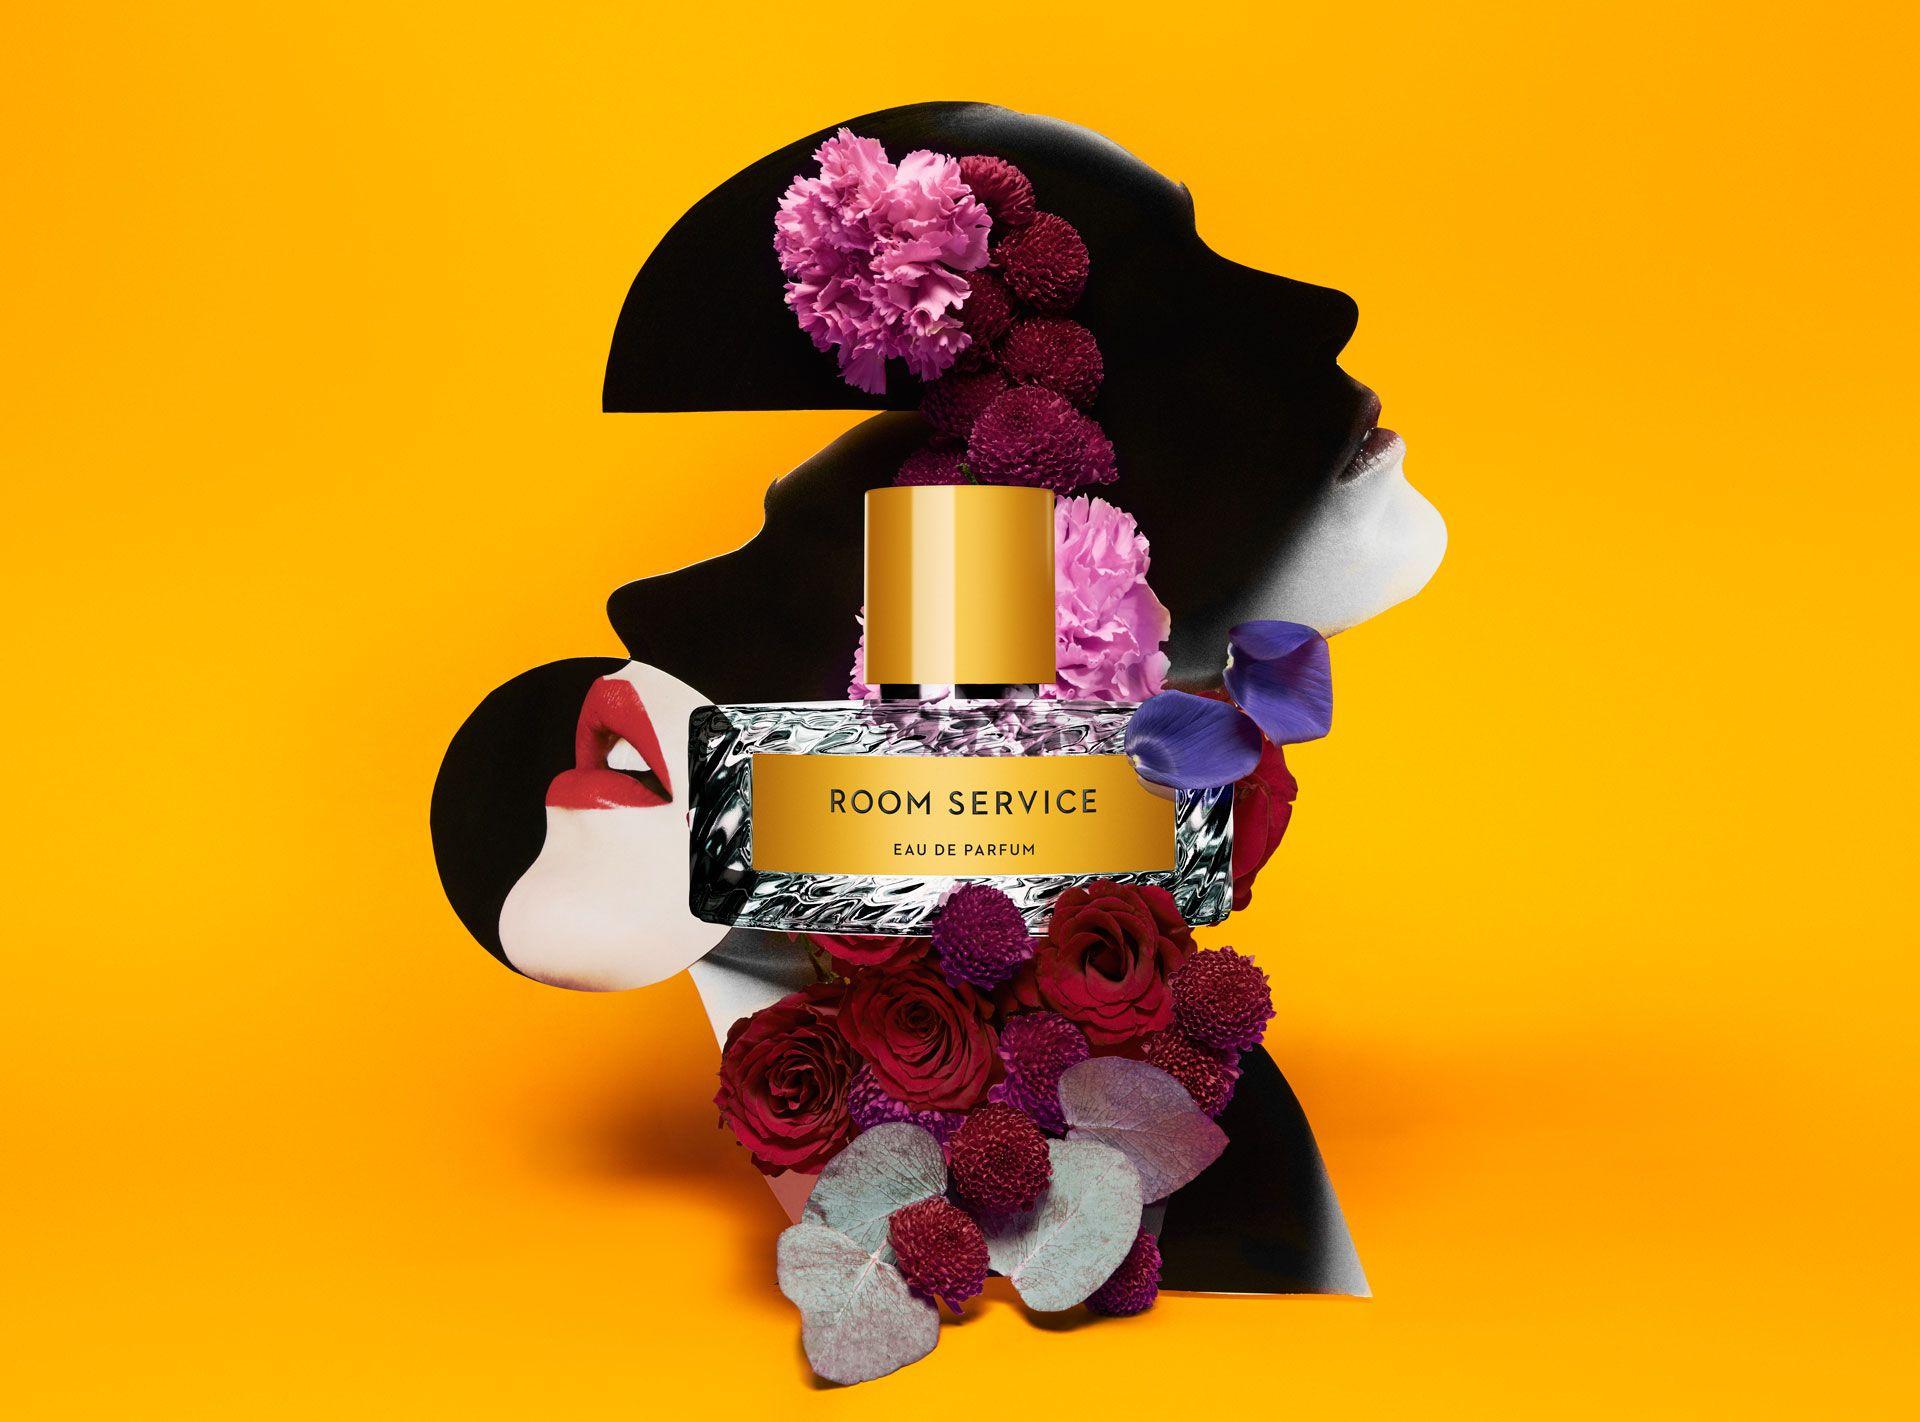 Kết quả hình ảnh cho ROOM SERVICE vilhelm parfumerie